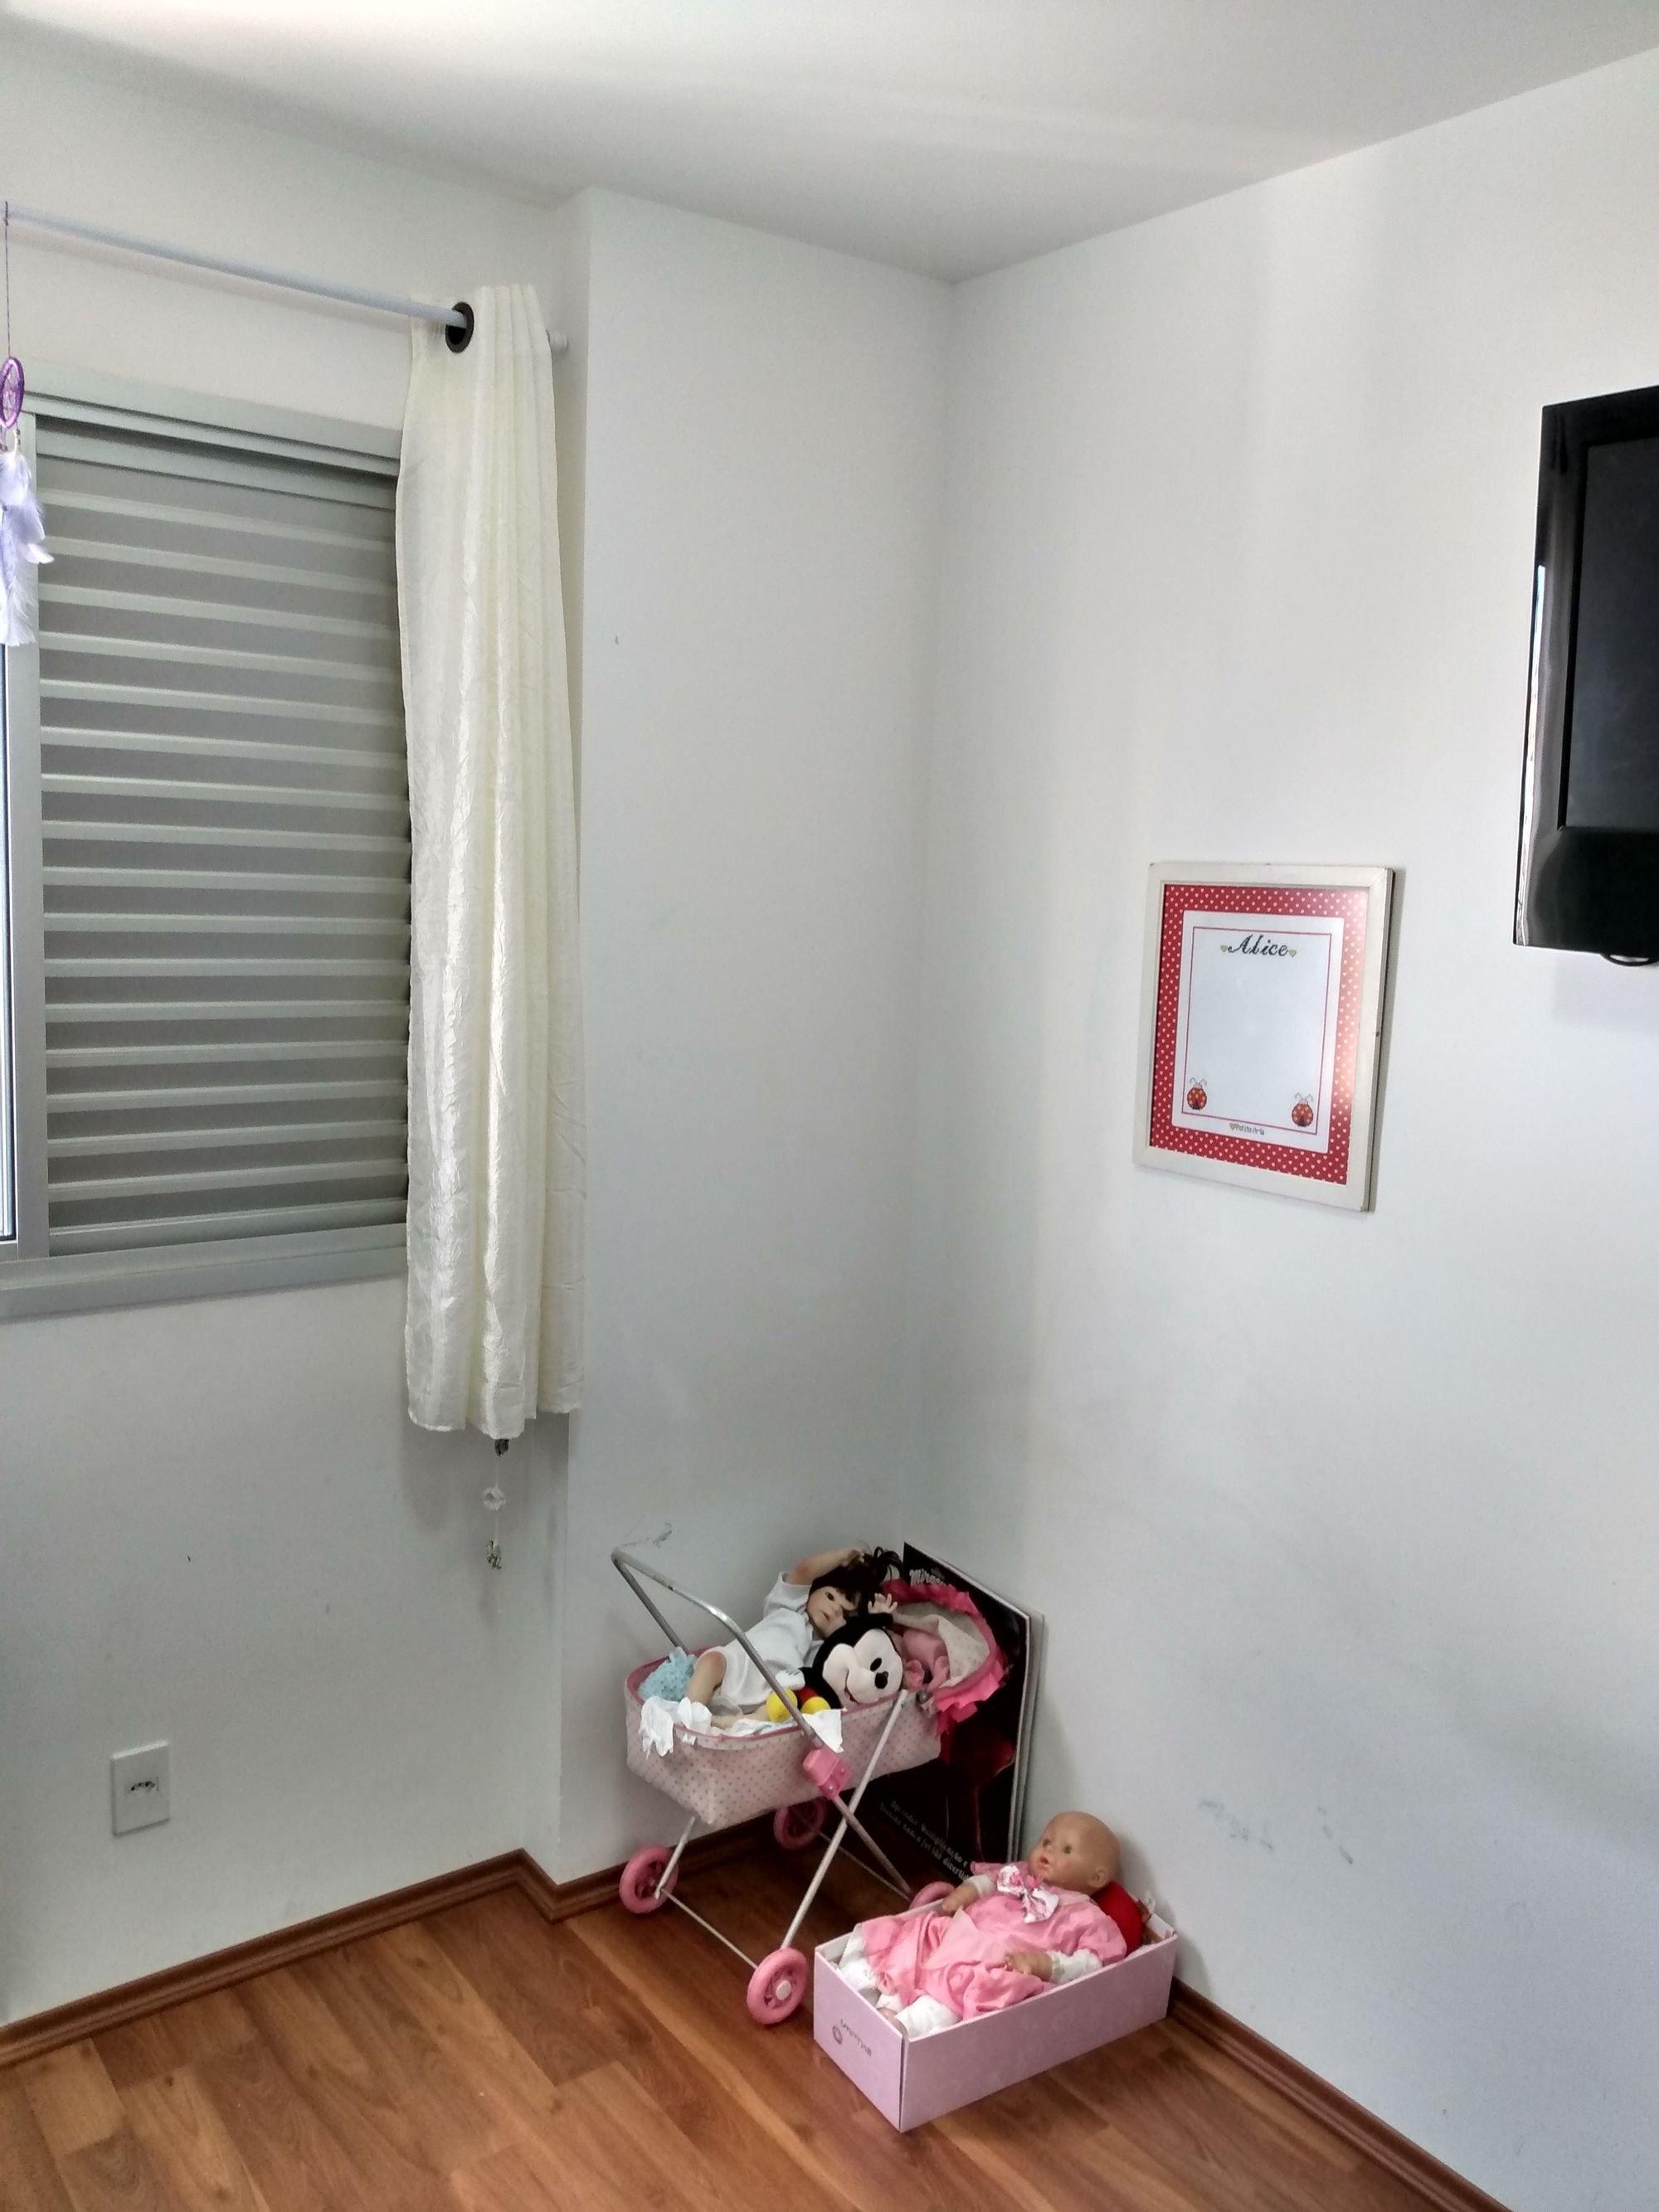 Foto de Quarto com televisão